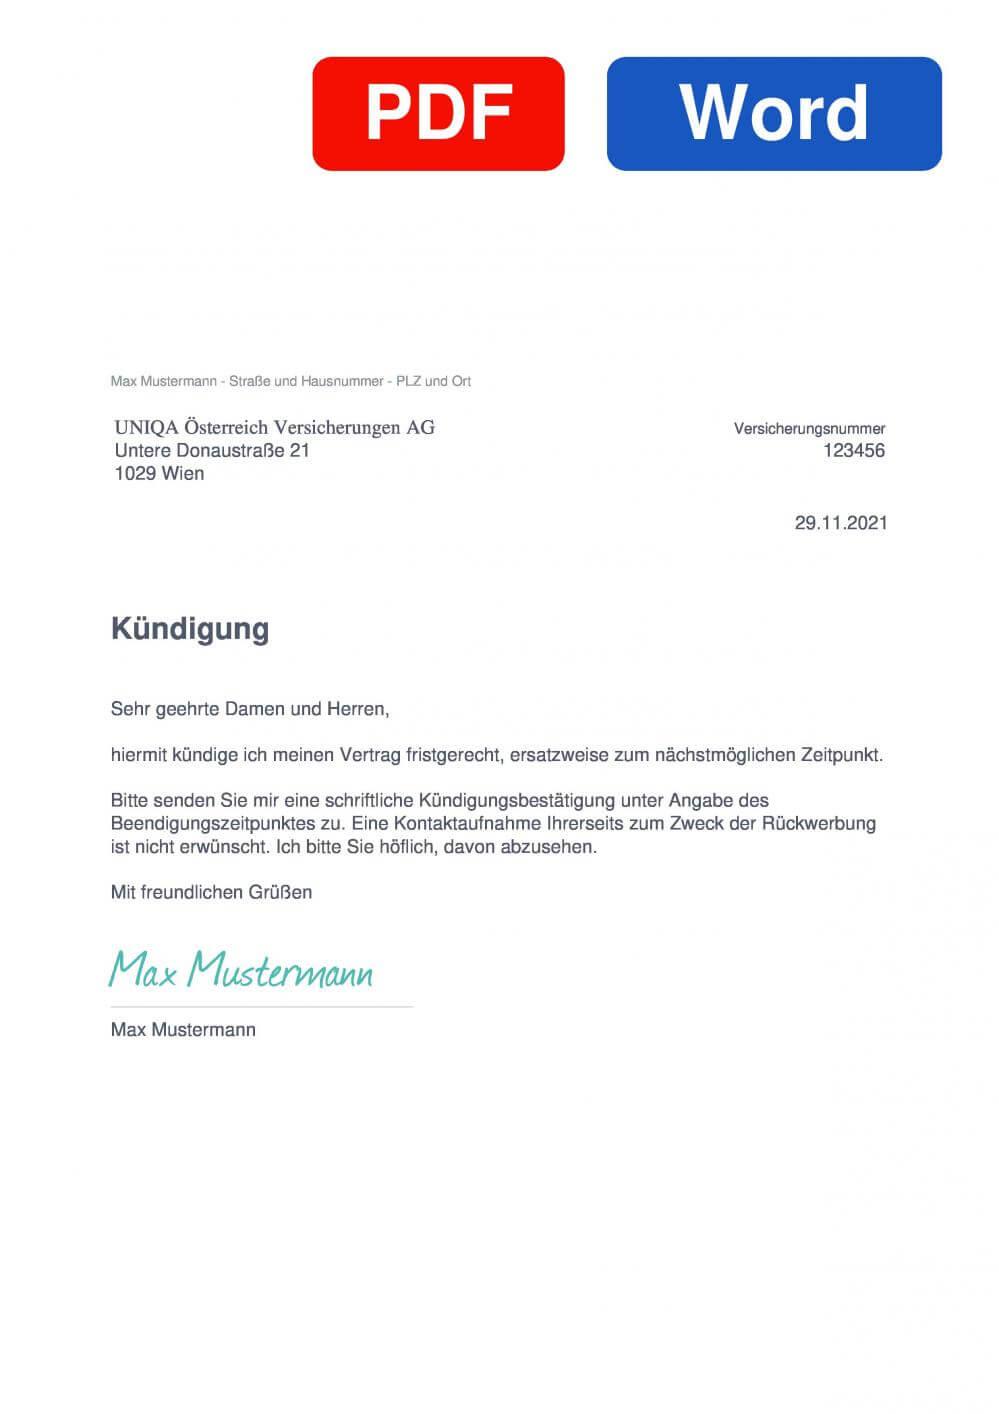 UNIQA Muster Vorlage für Kündigungsschreiben